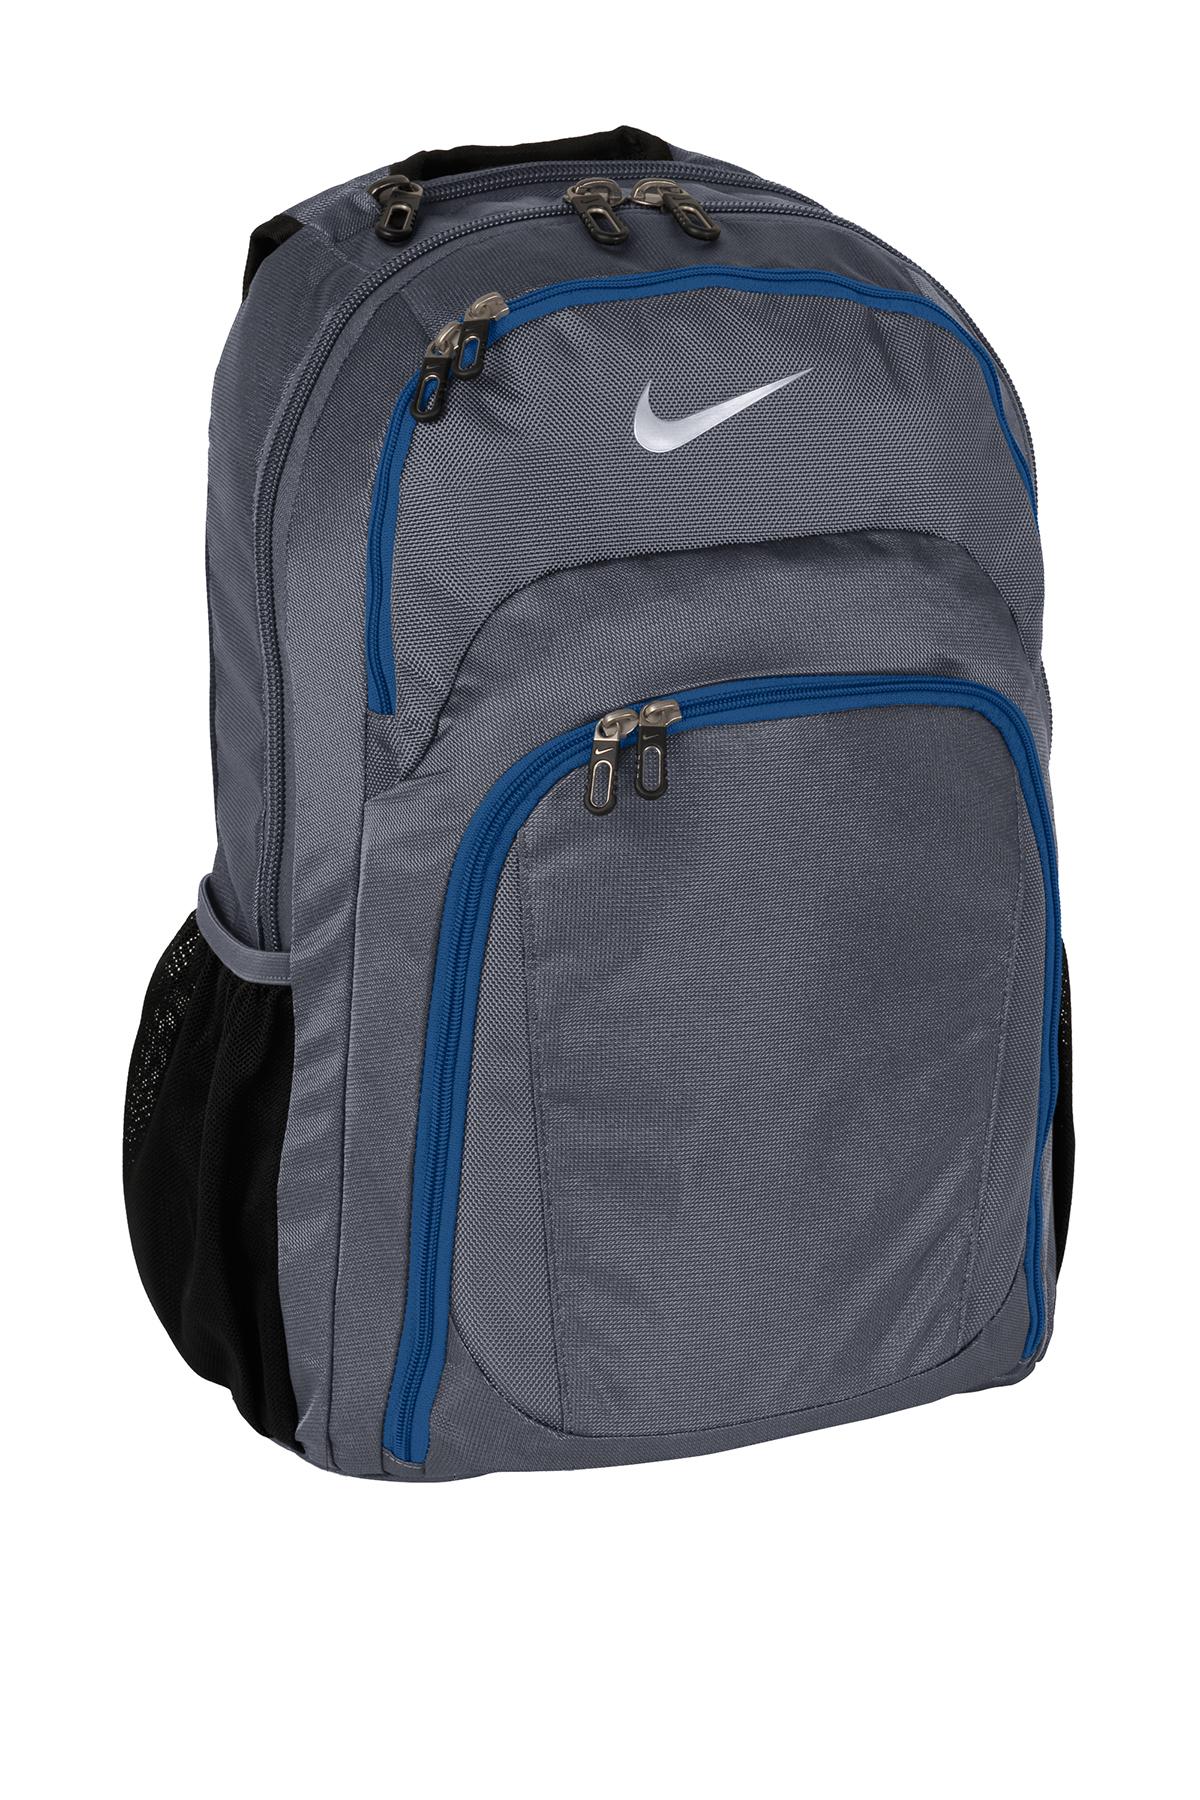 886e4bfc6b24 Nike Performance Backpack